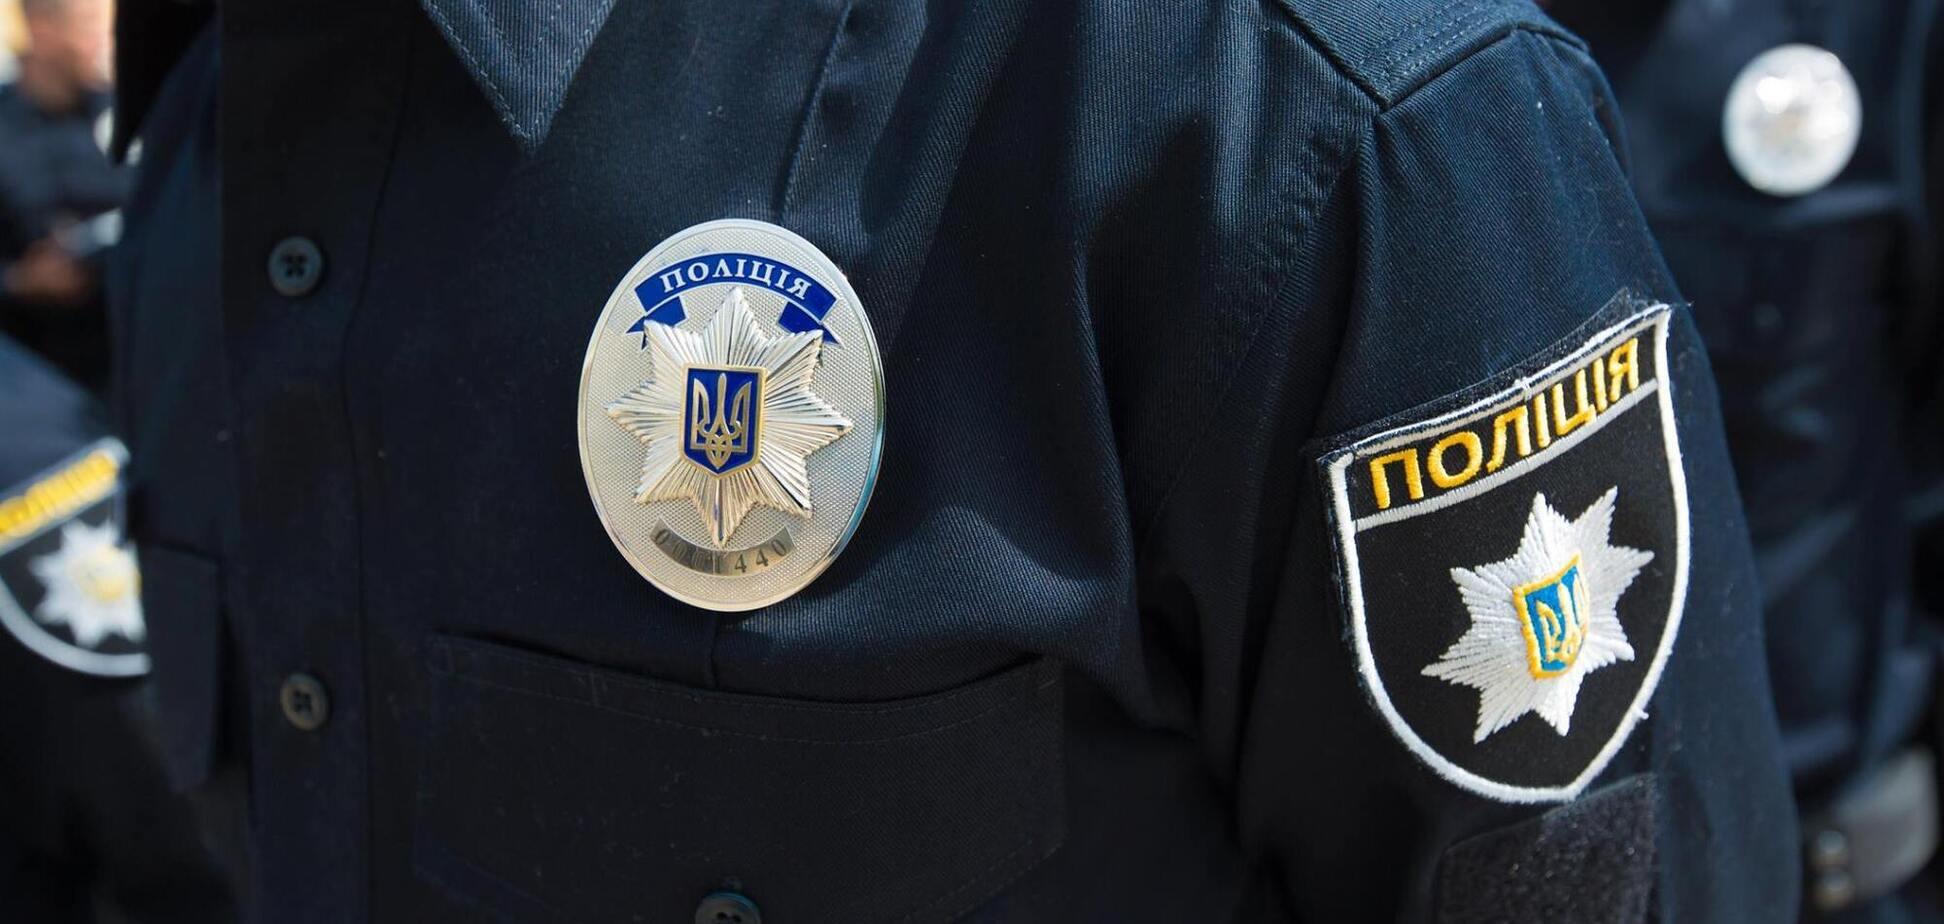 Полиция разыскивает нападавших на журналиста в Харькове